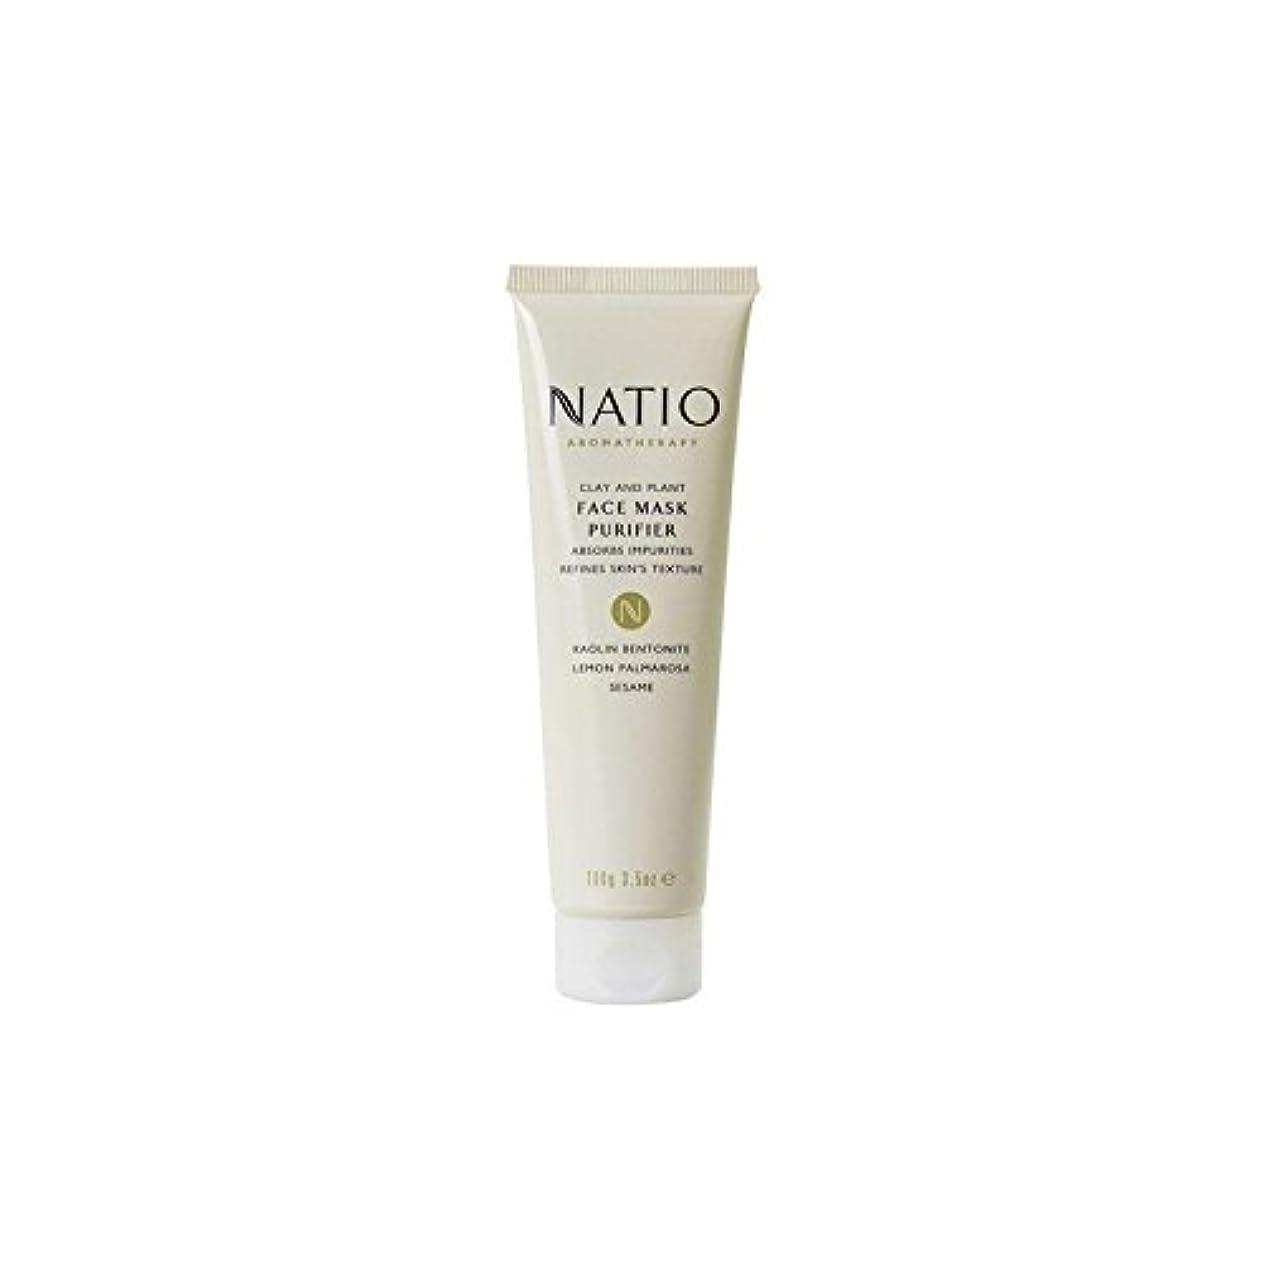 不安定な読書をする限りなく粘土&植物フェイスマスクの浄化(100グラム) x4 - Natio Clay & Plant Face Mask Purifier (100G) (Pack of 4) [並行輸入品]